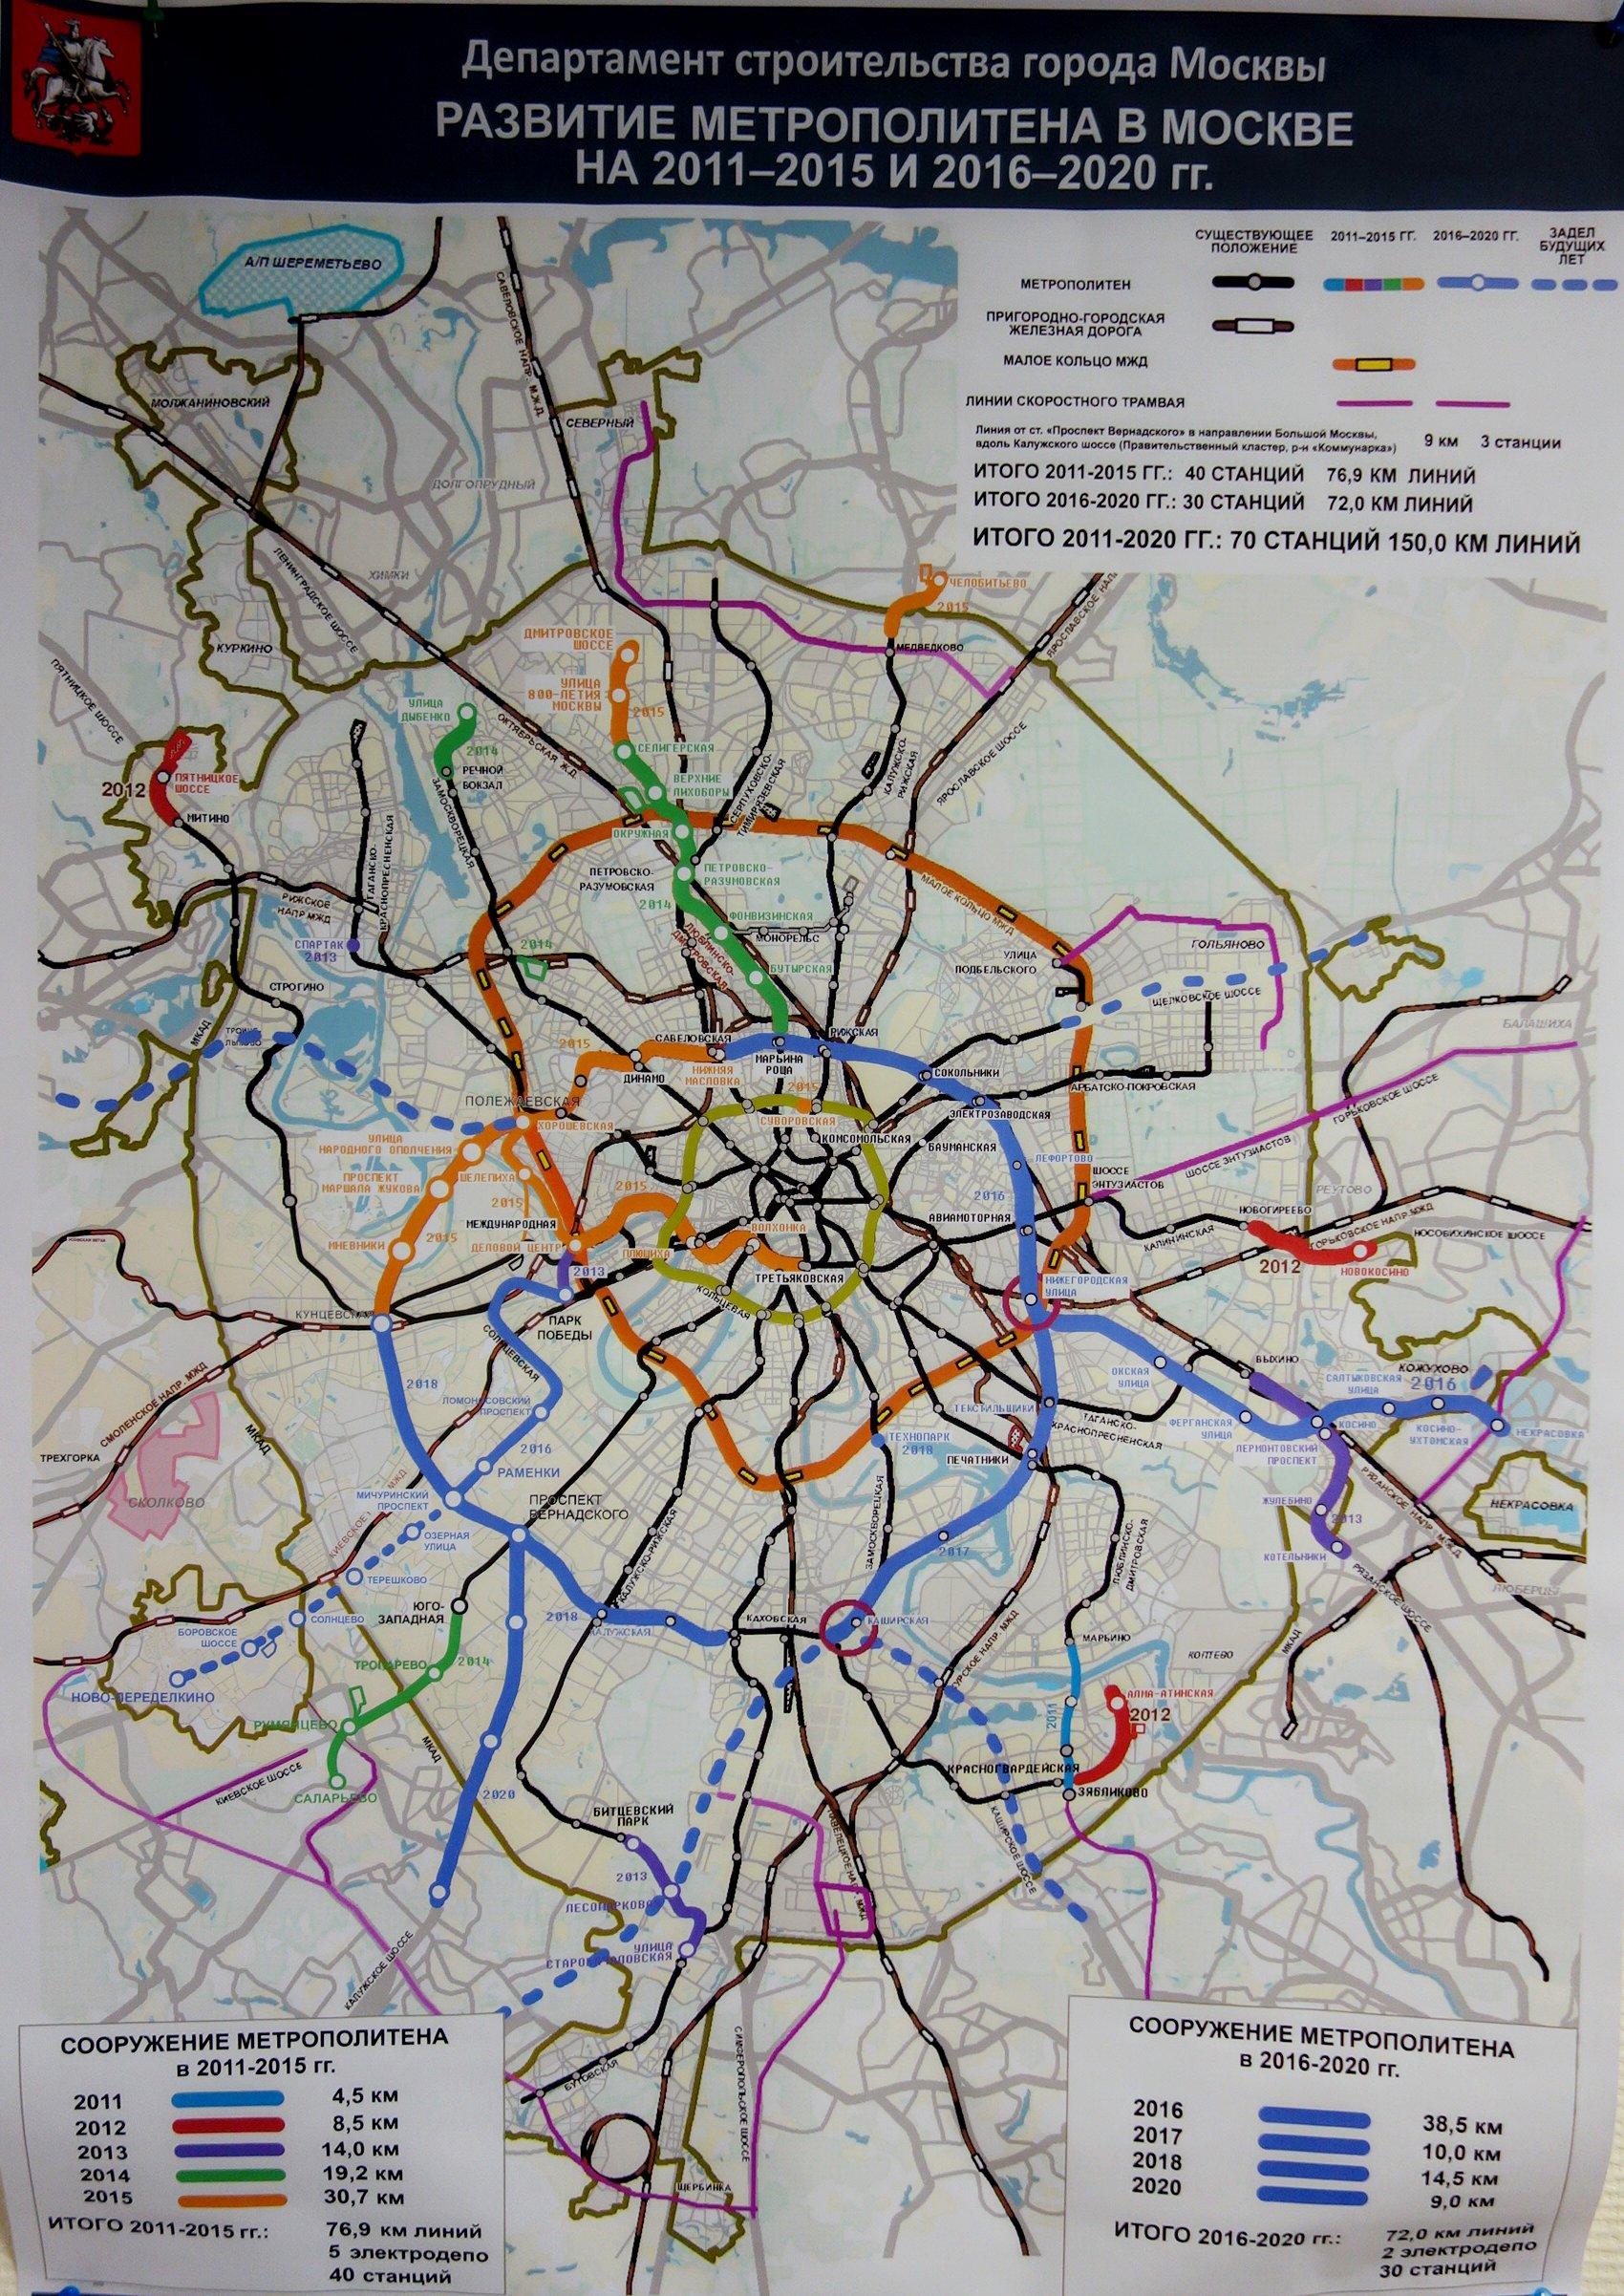 схема метро москвы через 10 лет